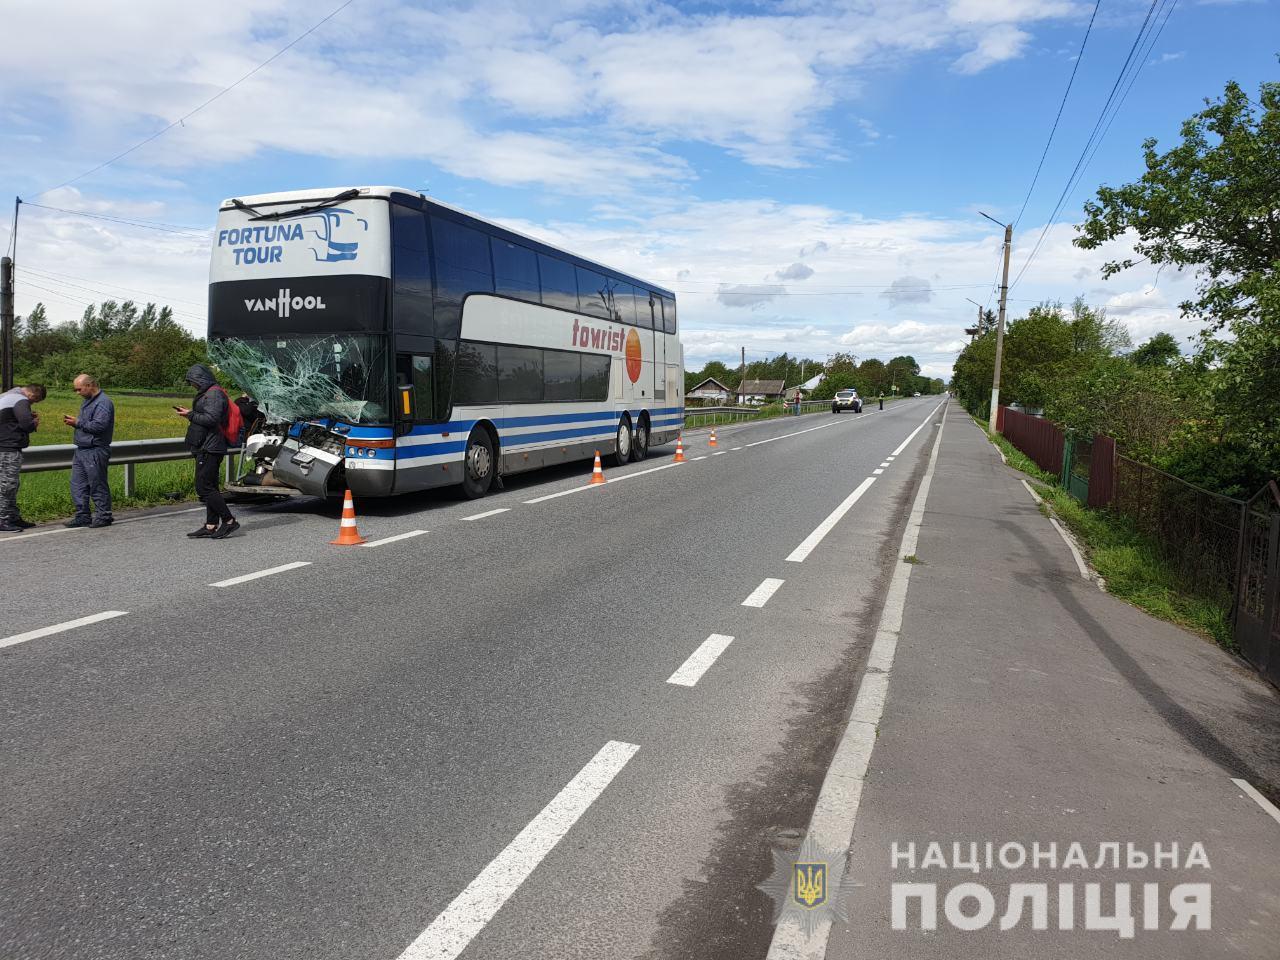 ДТП на Волині: автобус збив 54-річну жінку. Вона загинула на місці